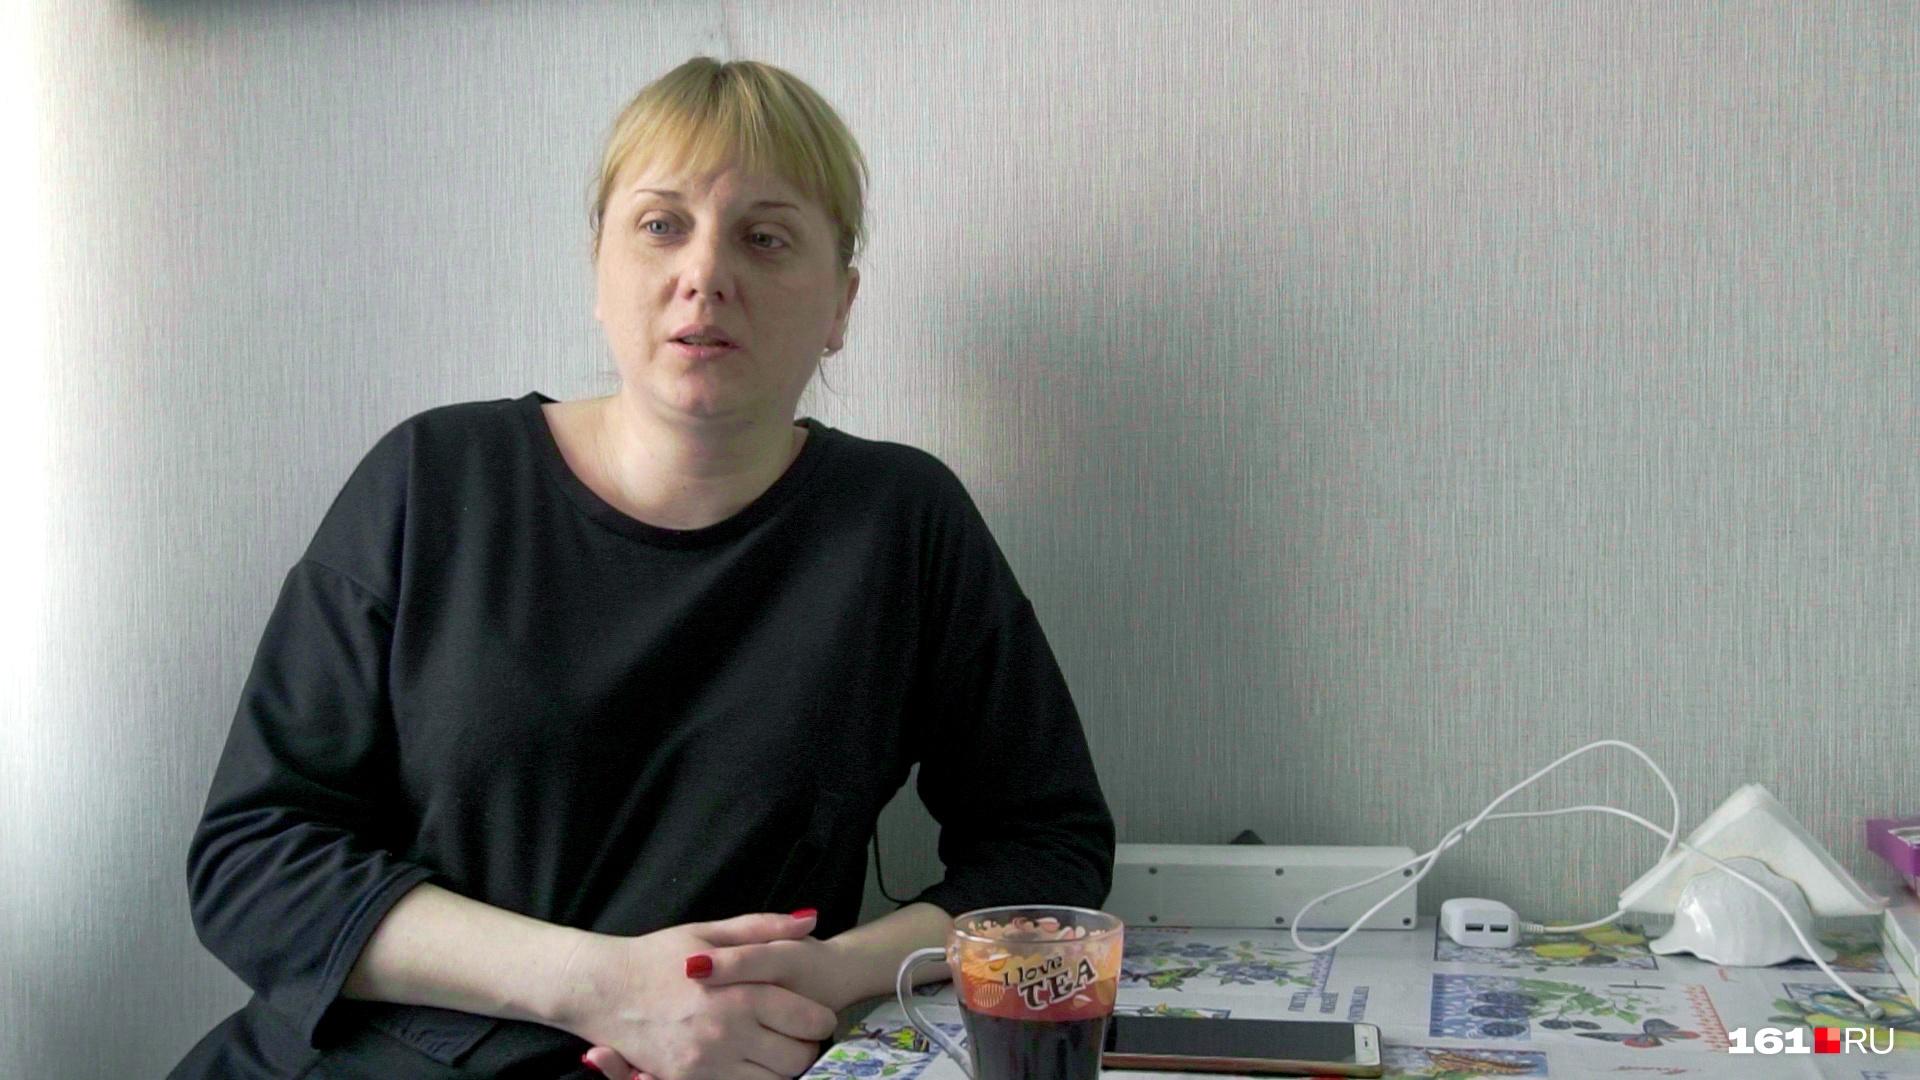 Ростовчанка благодарит всех, кто помогал ей в нелегкой многолетней борьбе за право жить достойно